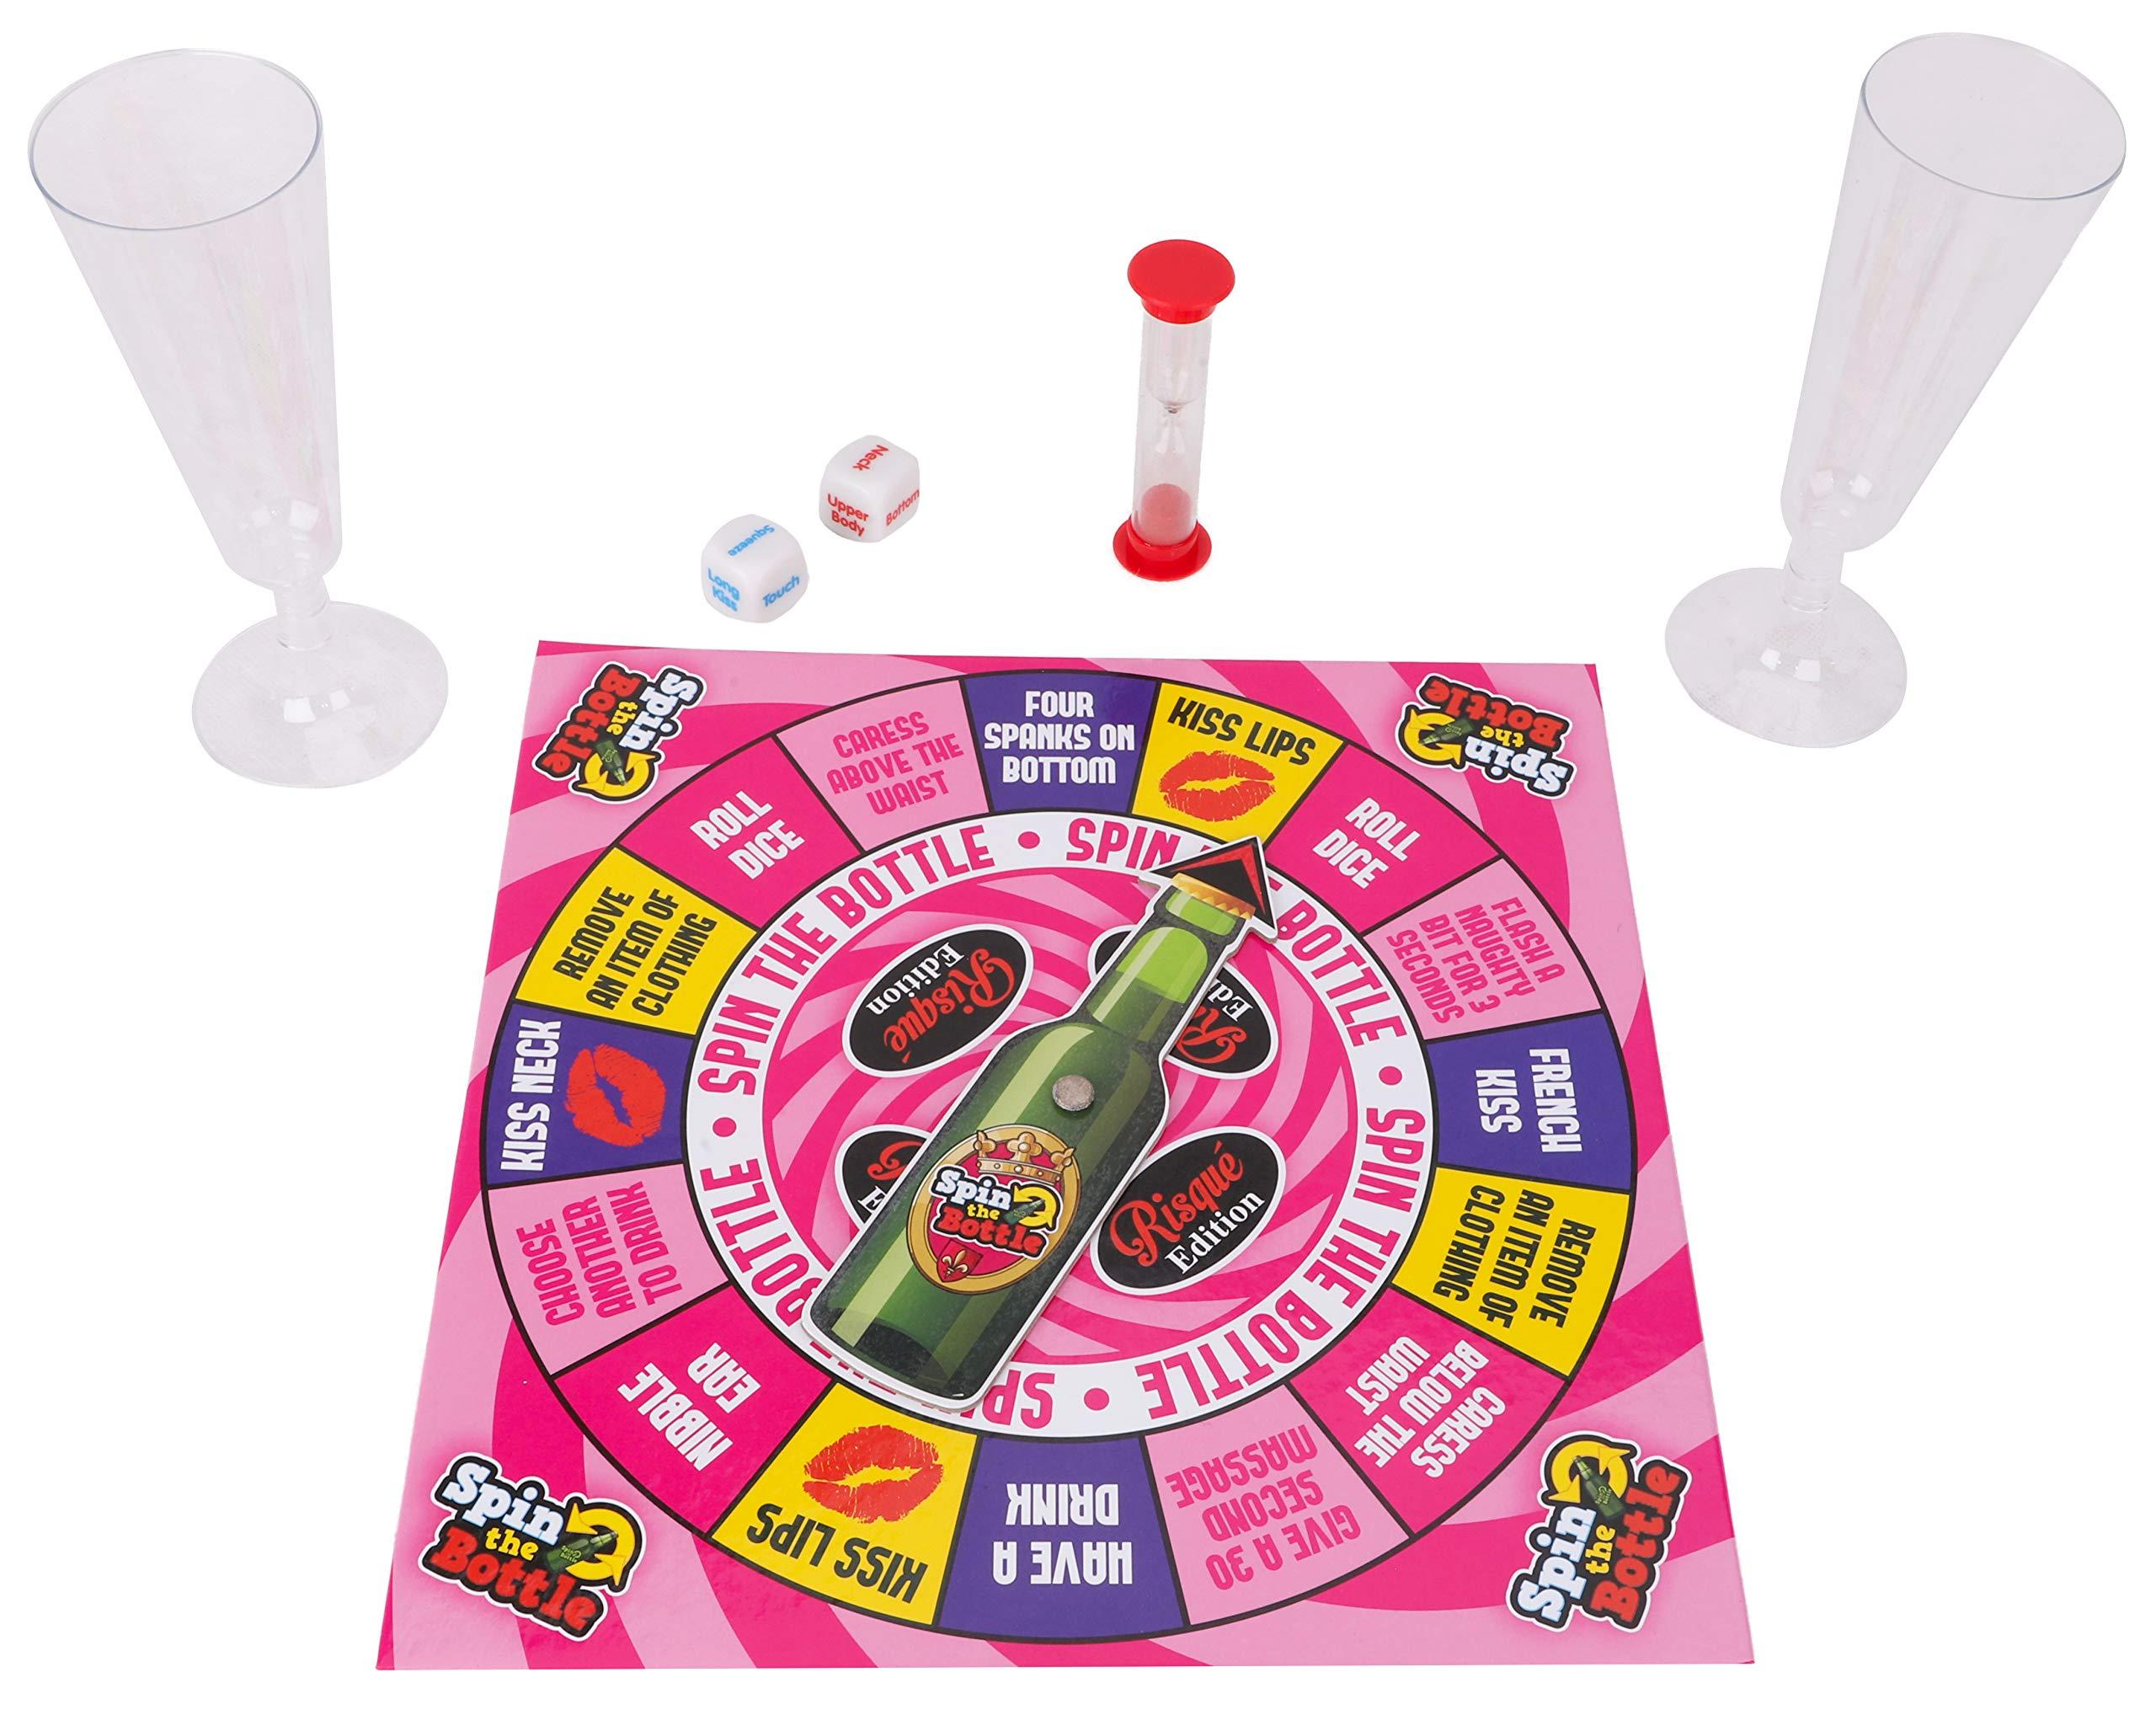 TOYLAND Juego Spin The Bottle Risque Edition - Fiestas para Adultos - Solo Adultos - Juegos para Adultos - Juegos de Beber: Amazon.es: Juguetes y juegos